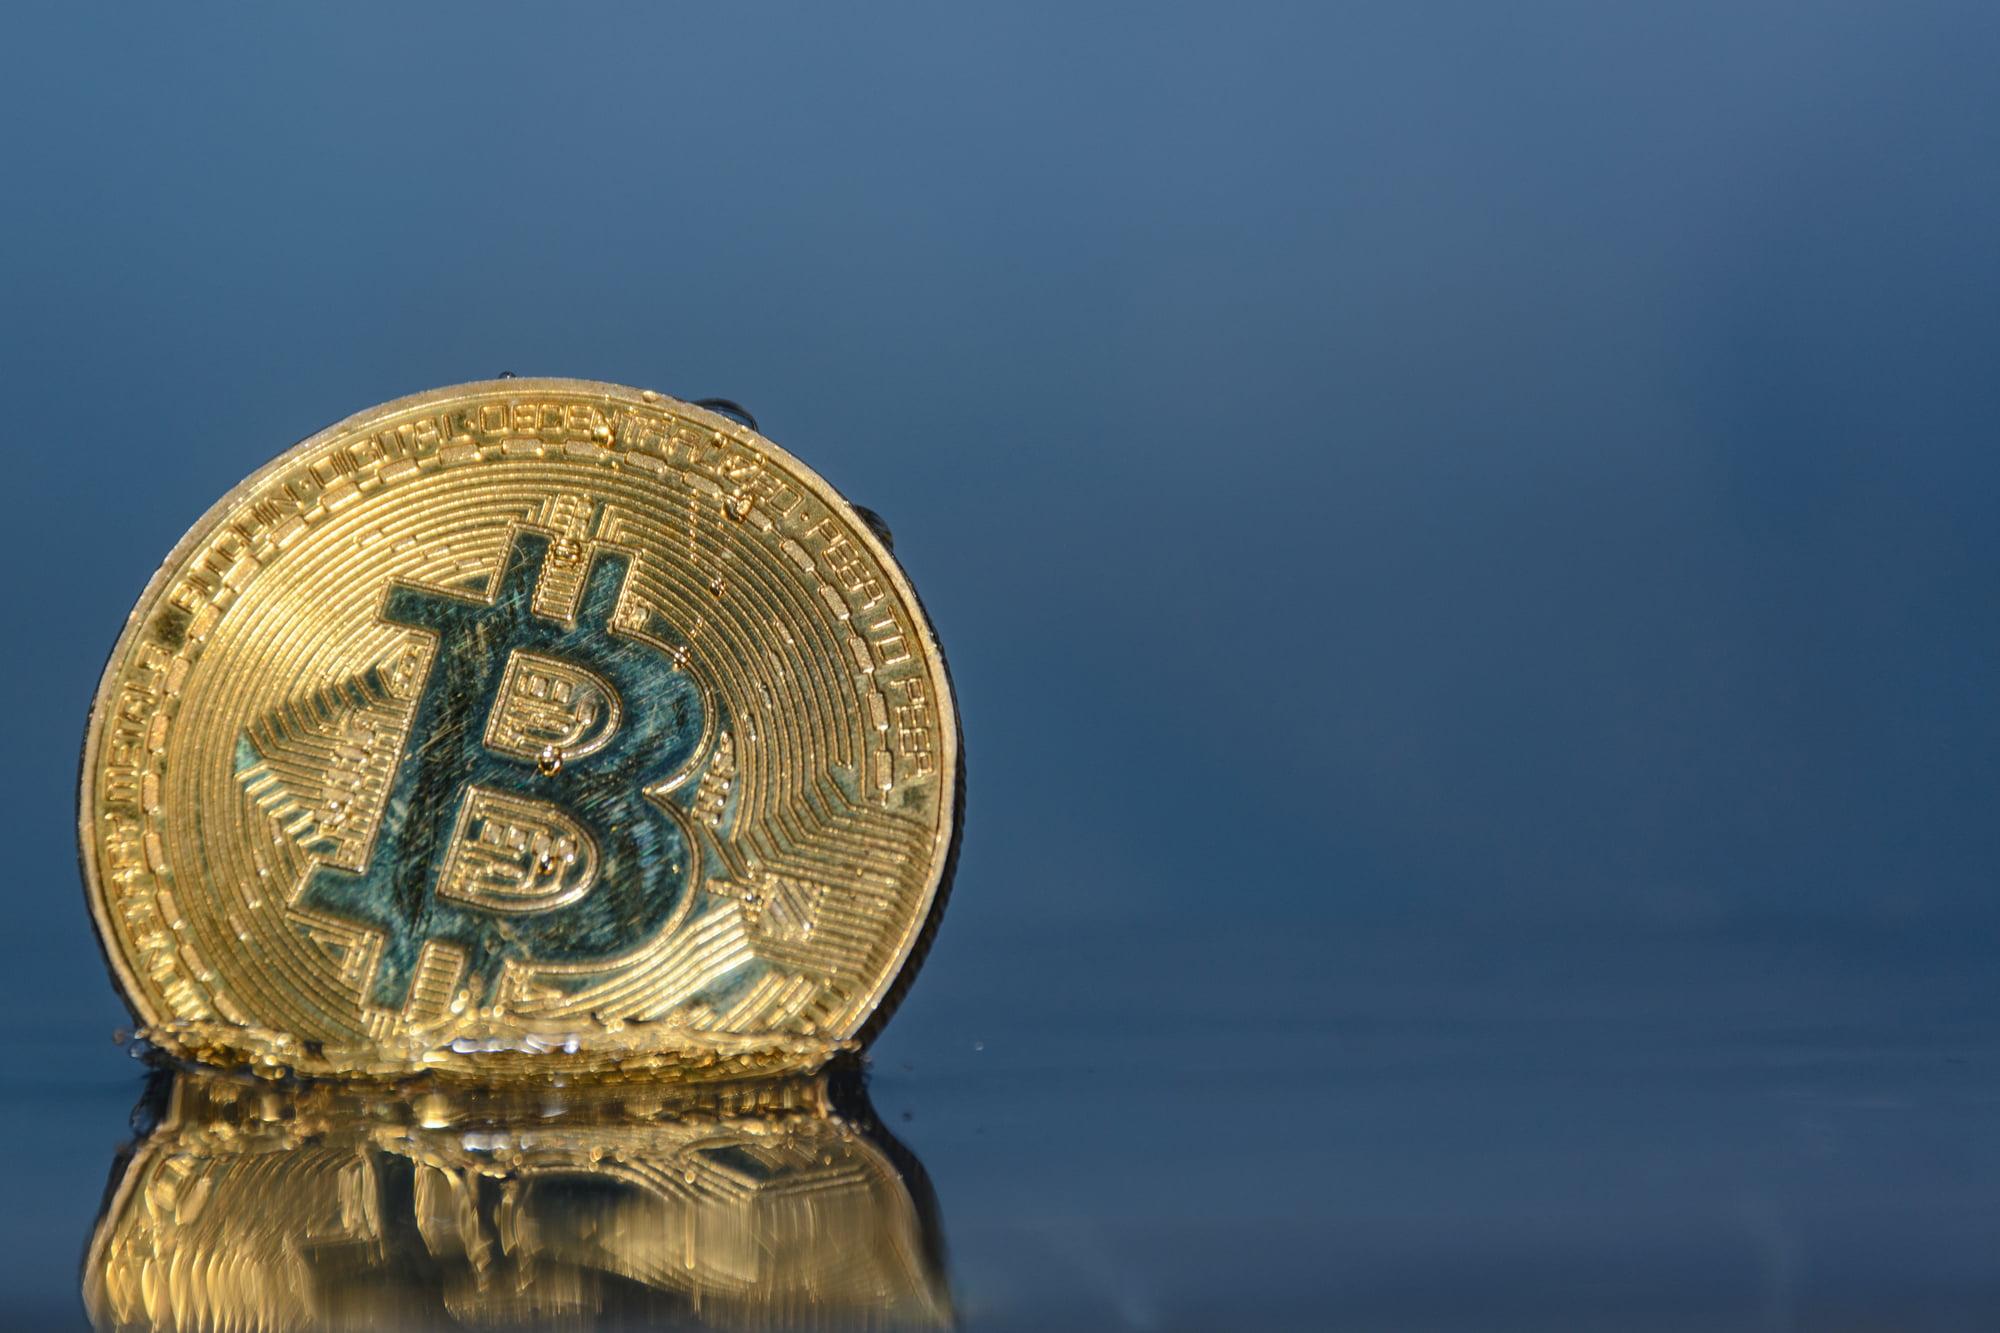 Pakistán construirá granjas mineras de Bitcoin en un programa piloto